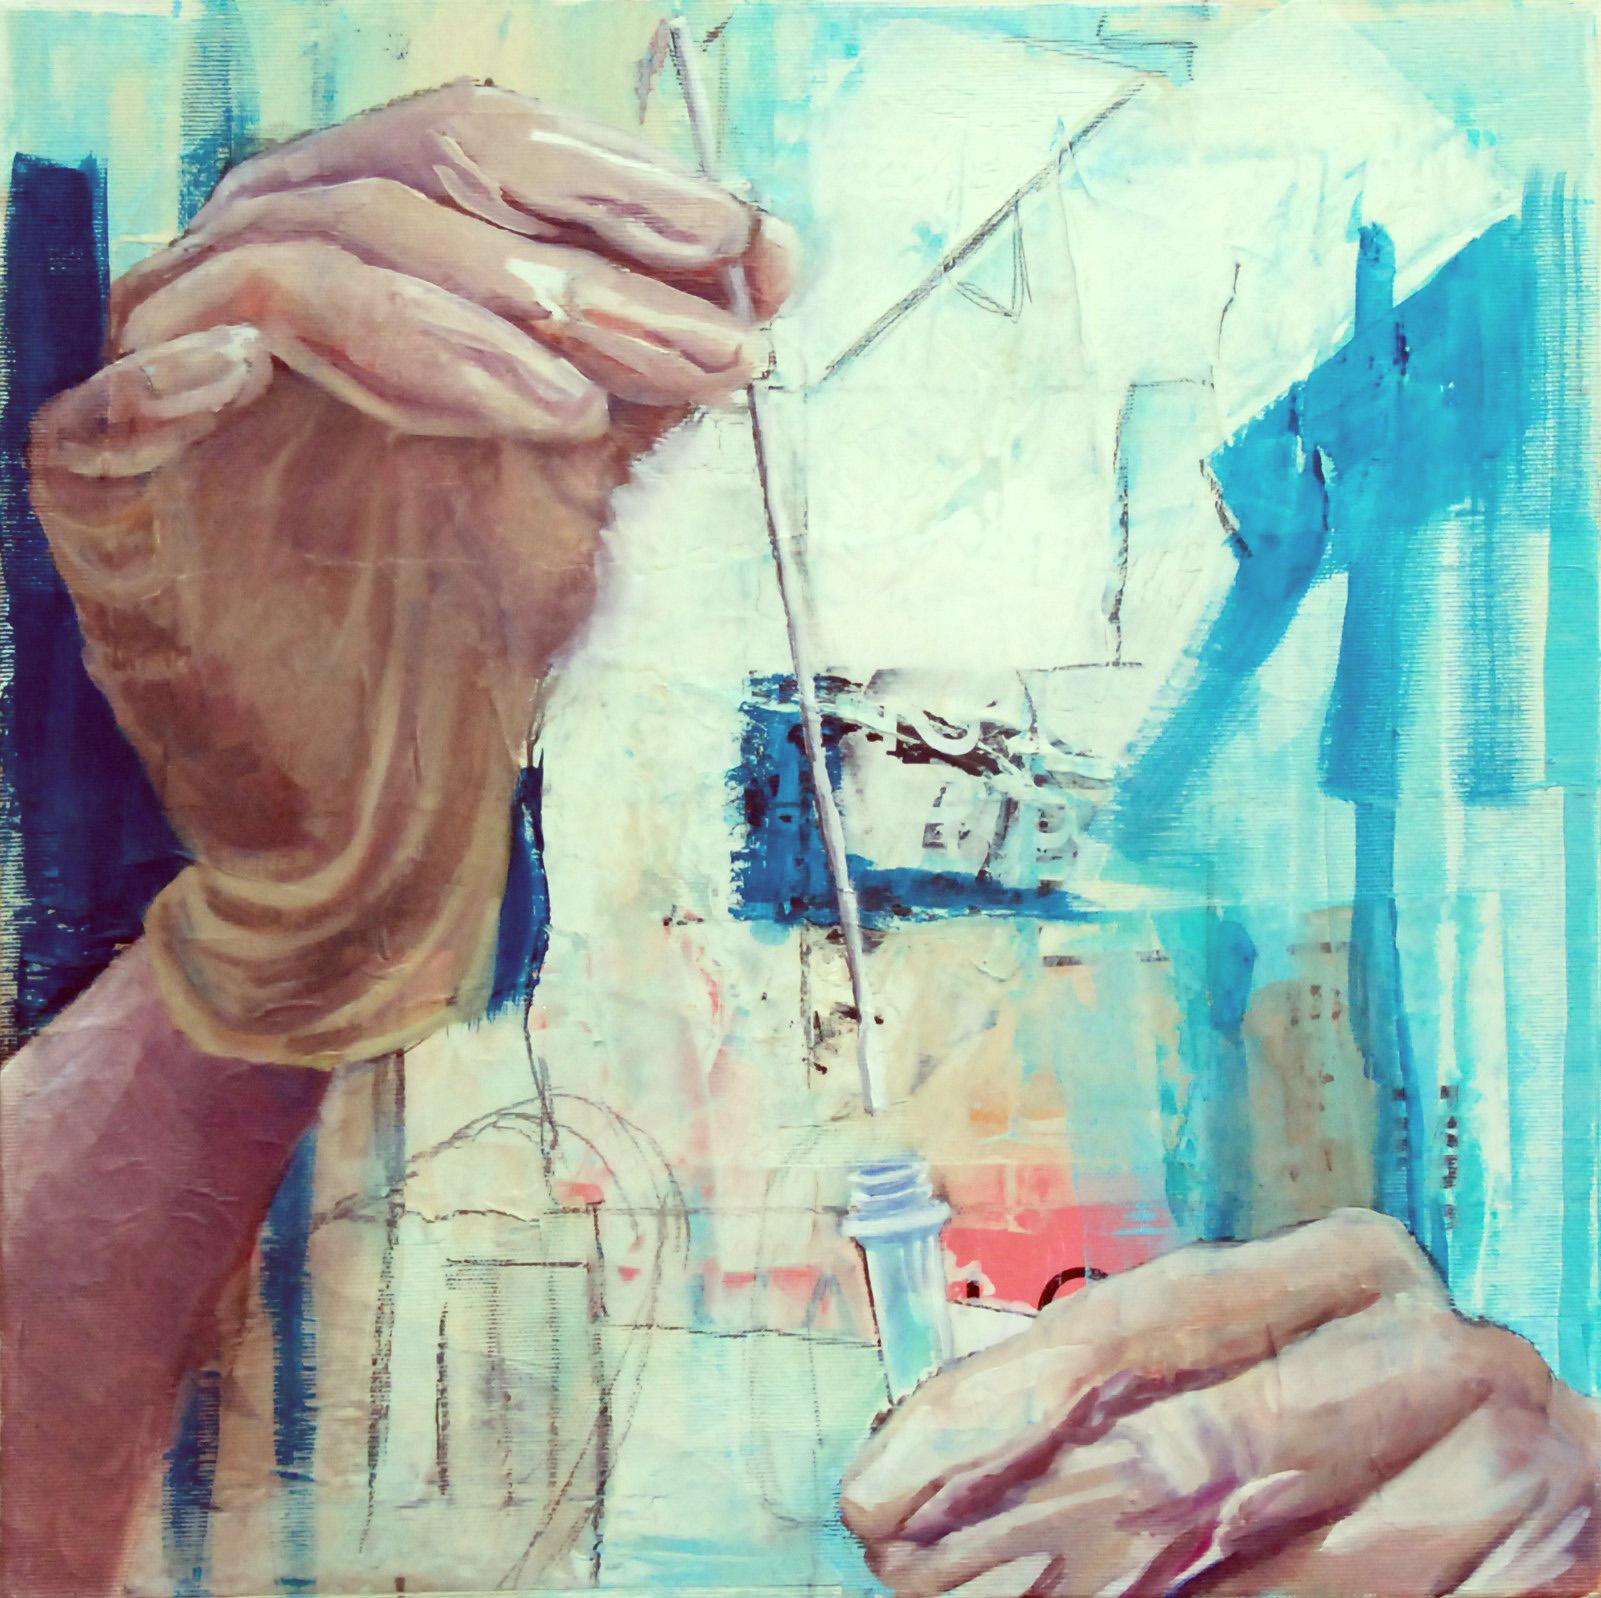 O.T., Öl, Acryl und Collage auf Leinwand, 40cm x 40cm